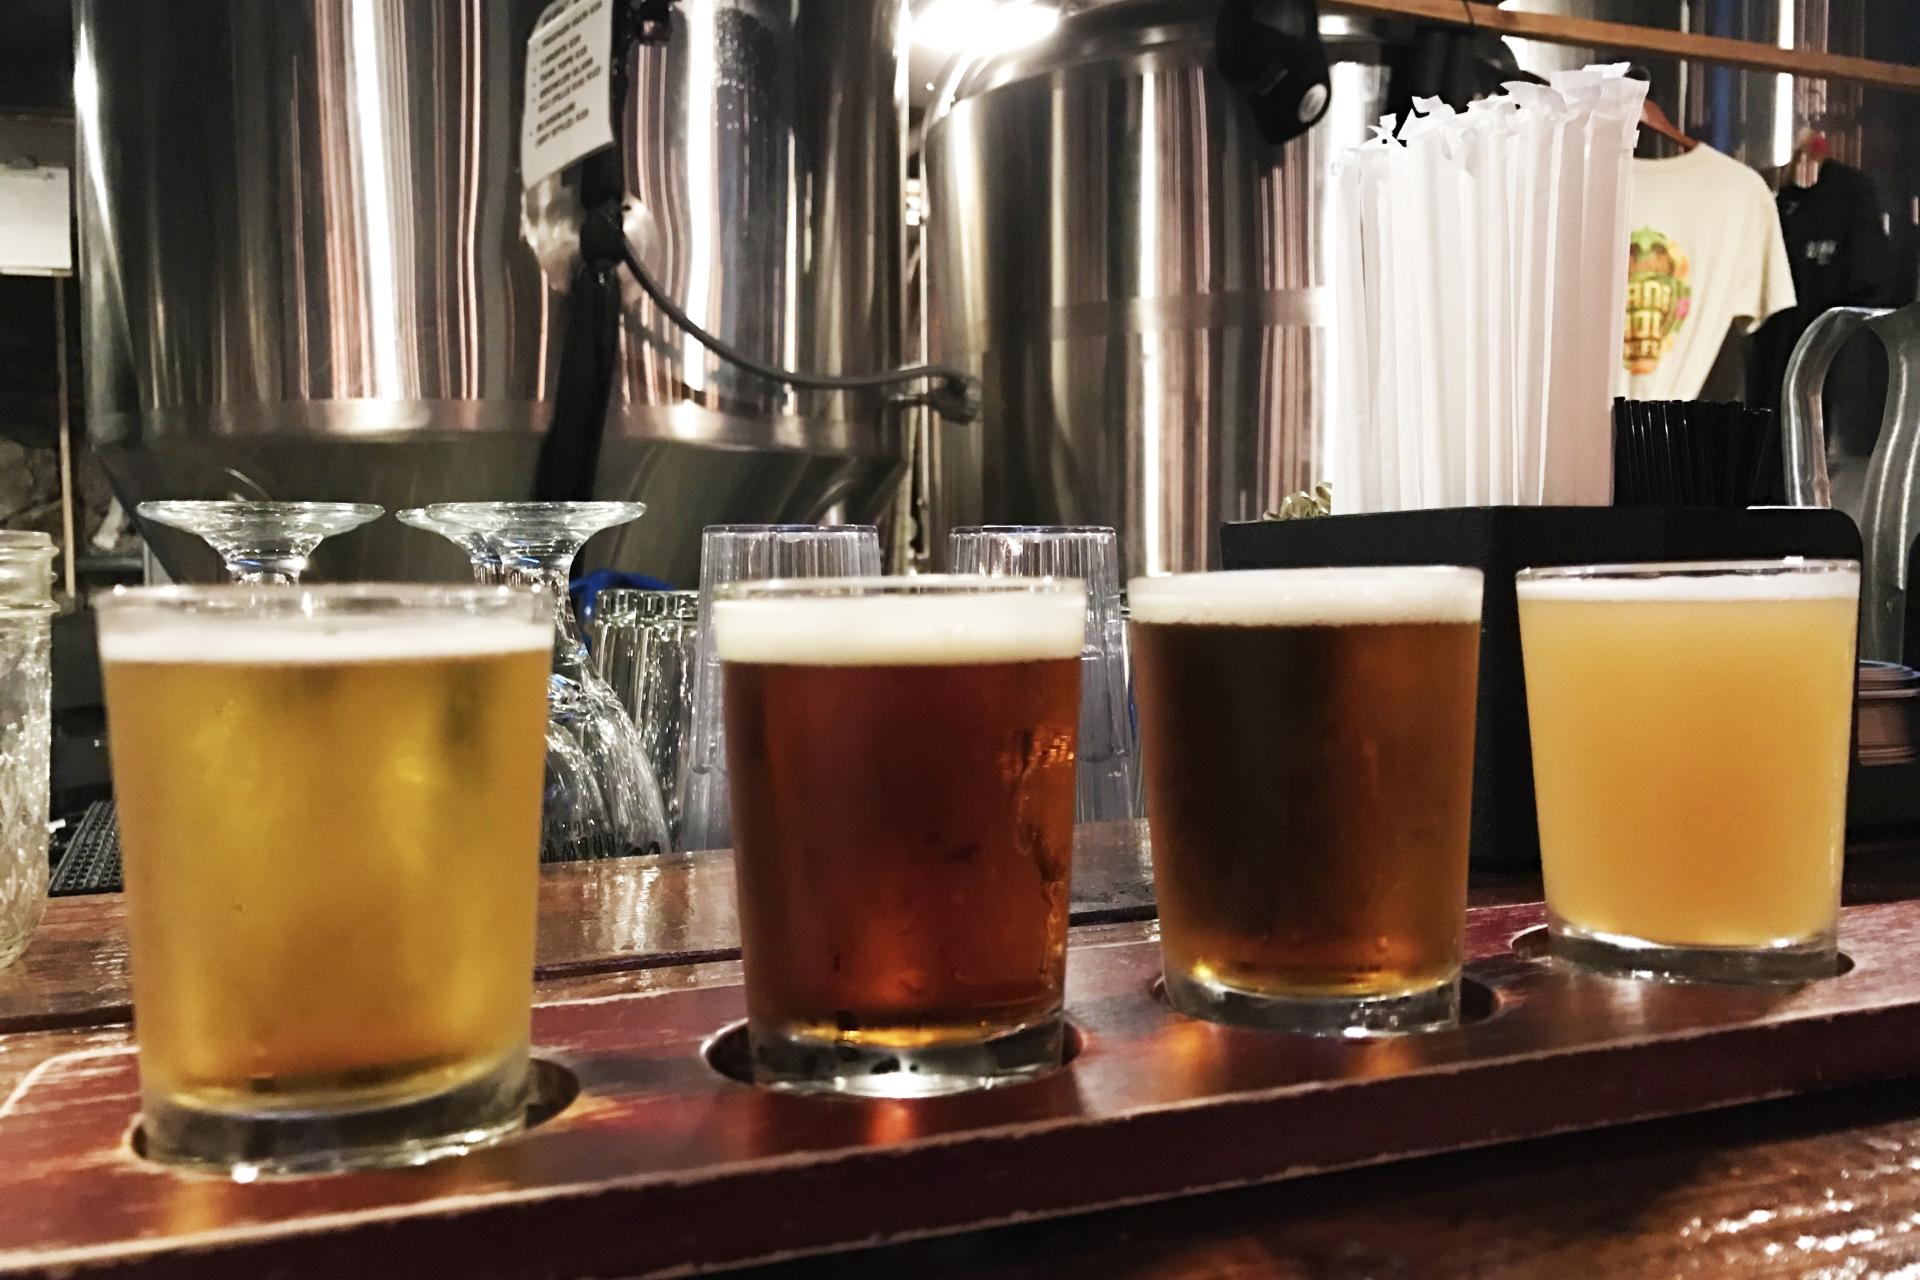 上野でクラフトビールを飲むならココ!おいしいビールが楽しめるお店をご紹介!